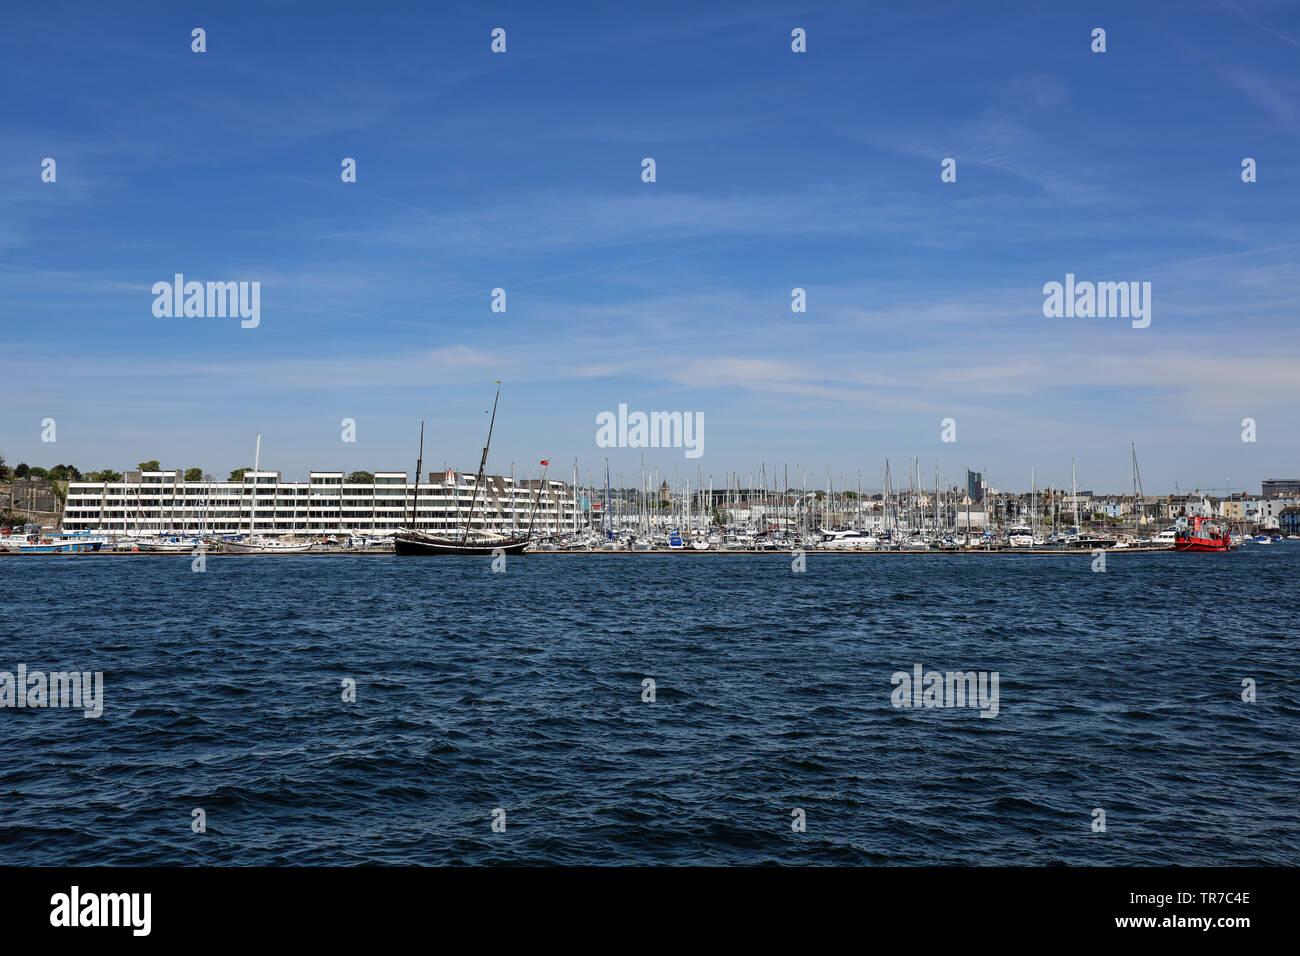 Mayflower Marina; Greyhound; Schiff; Hafen; Anker Boote; Hamoaze; Bootsfahrt von Barbican Ponton über Plymouth Plymouth Sound, Hamoaze, Rive Stockbild